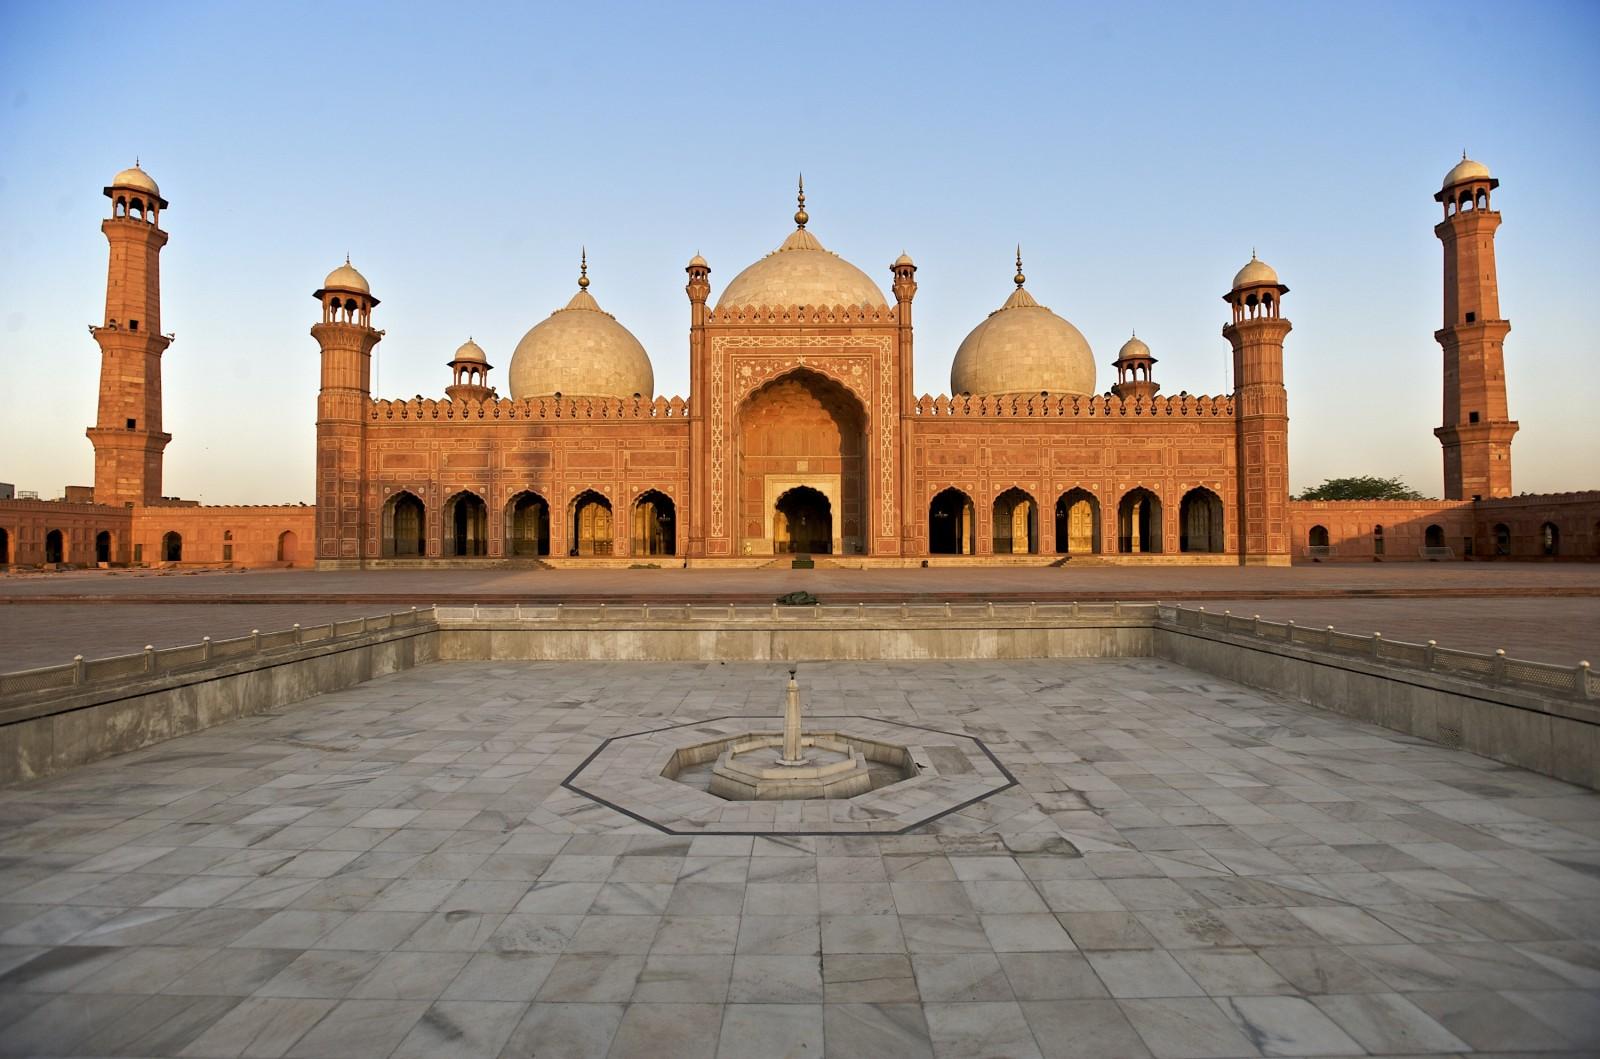 Çin Söz Verdi: Pakistan'ı İslam'ın İmparatoru Yapacağım